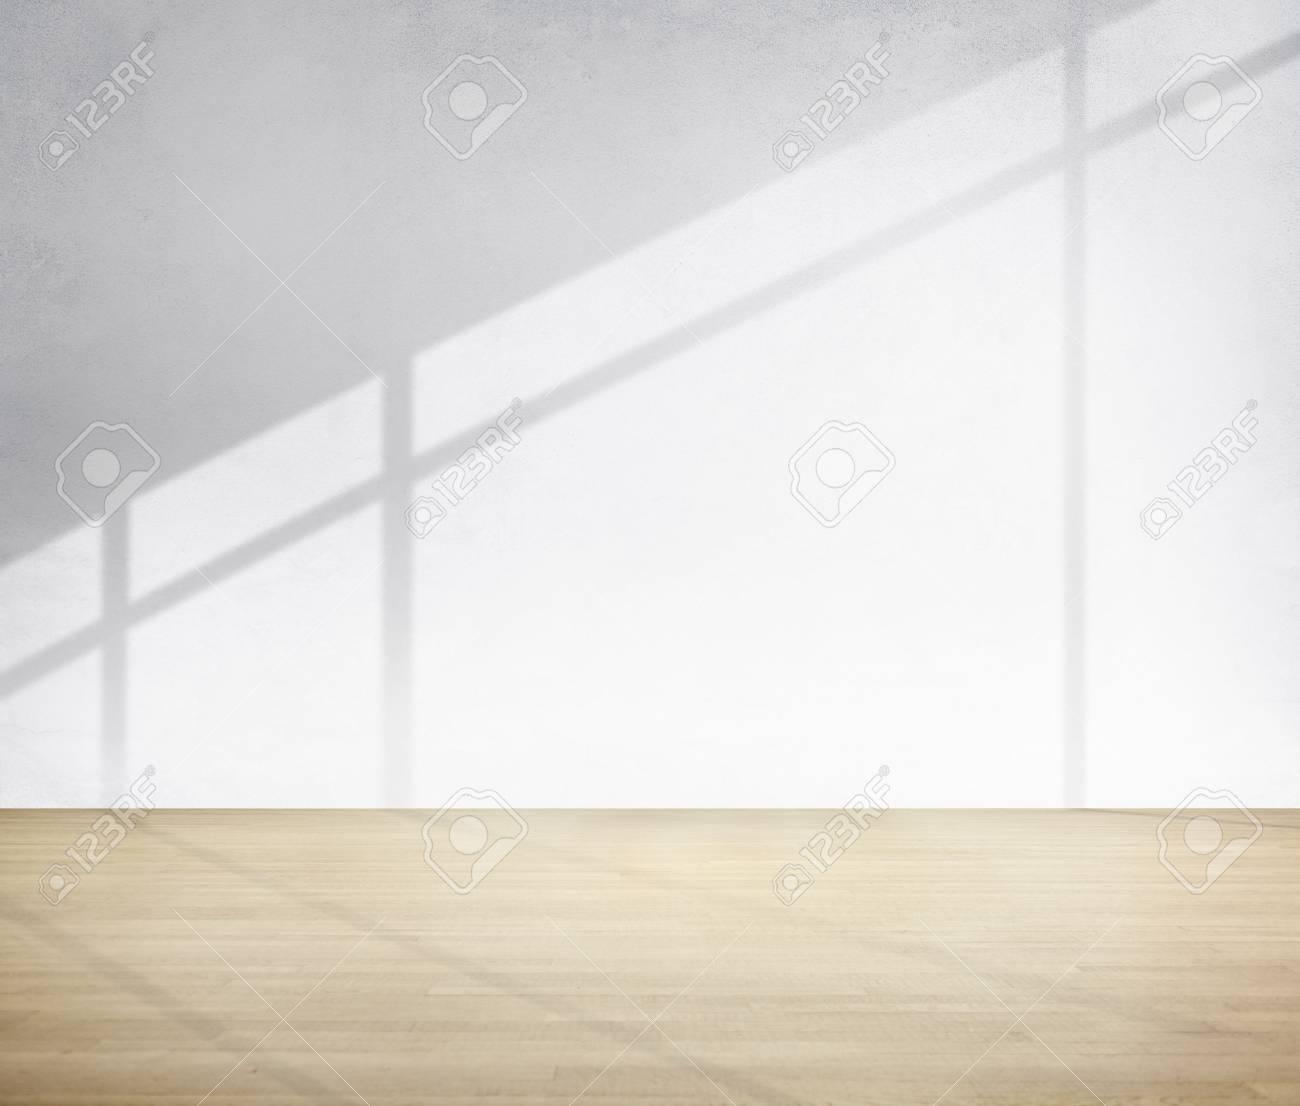 木材コンクリート隅角部背景壁紙テクスチャ コンセプト の写真素材